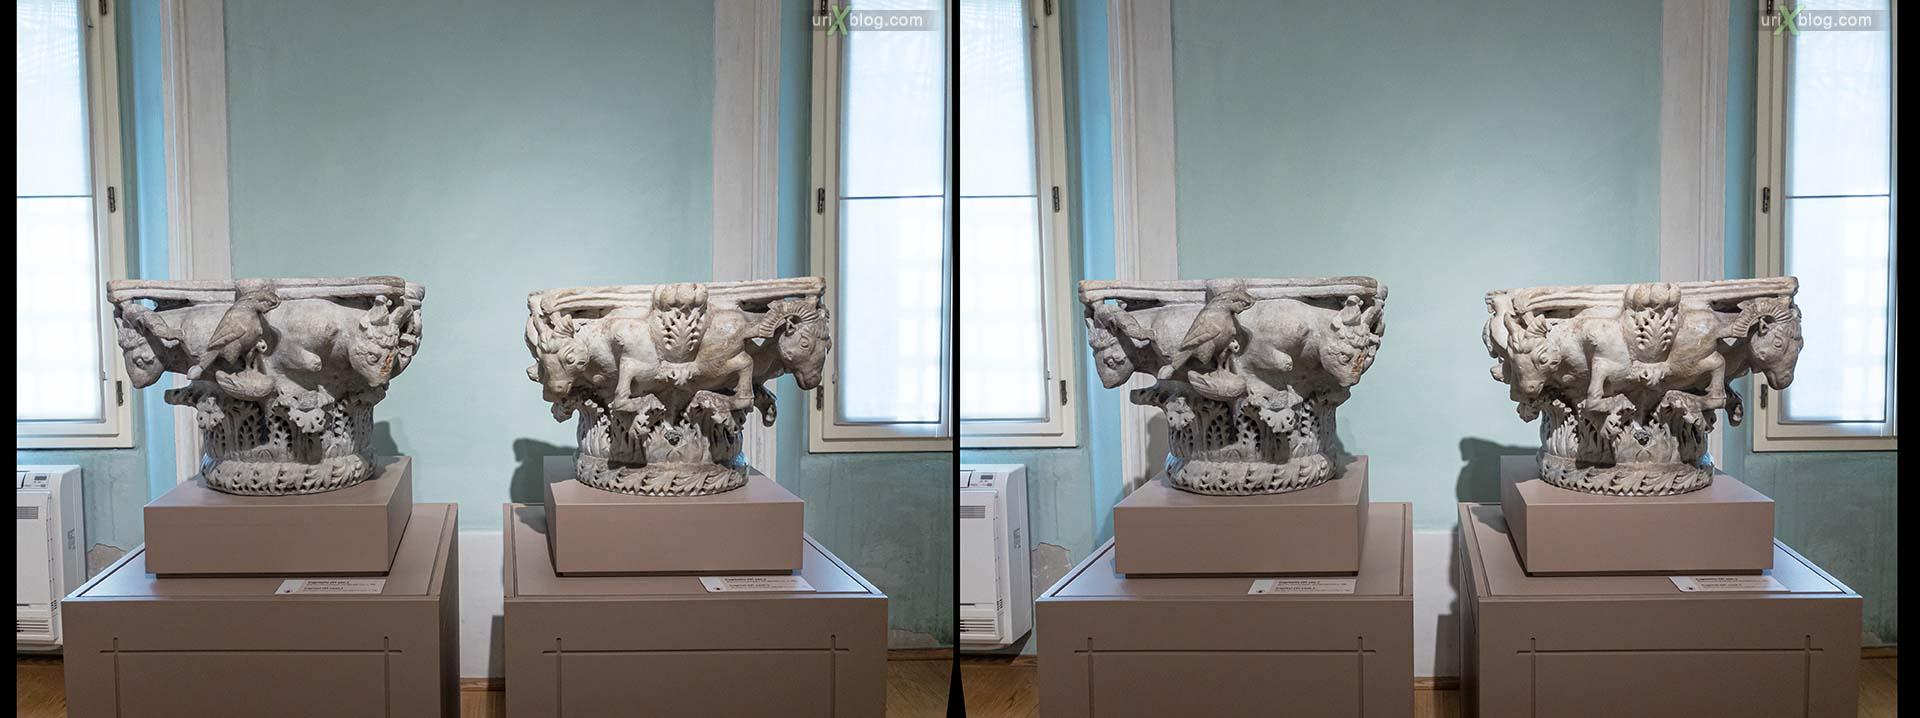 Архиепископский музей, Равенна, Италия, 3D, перекрёстная стереопара, стерео, стереопара